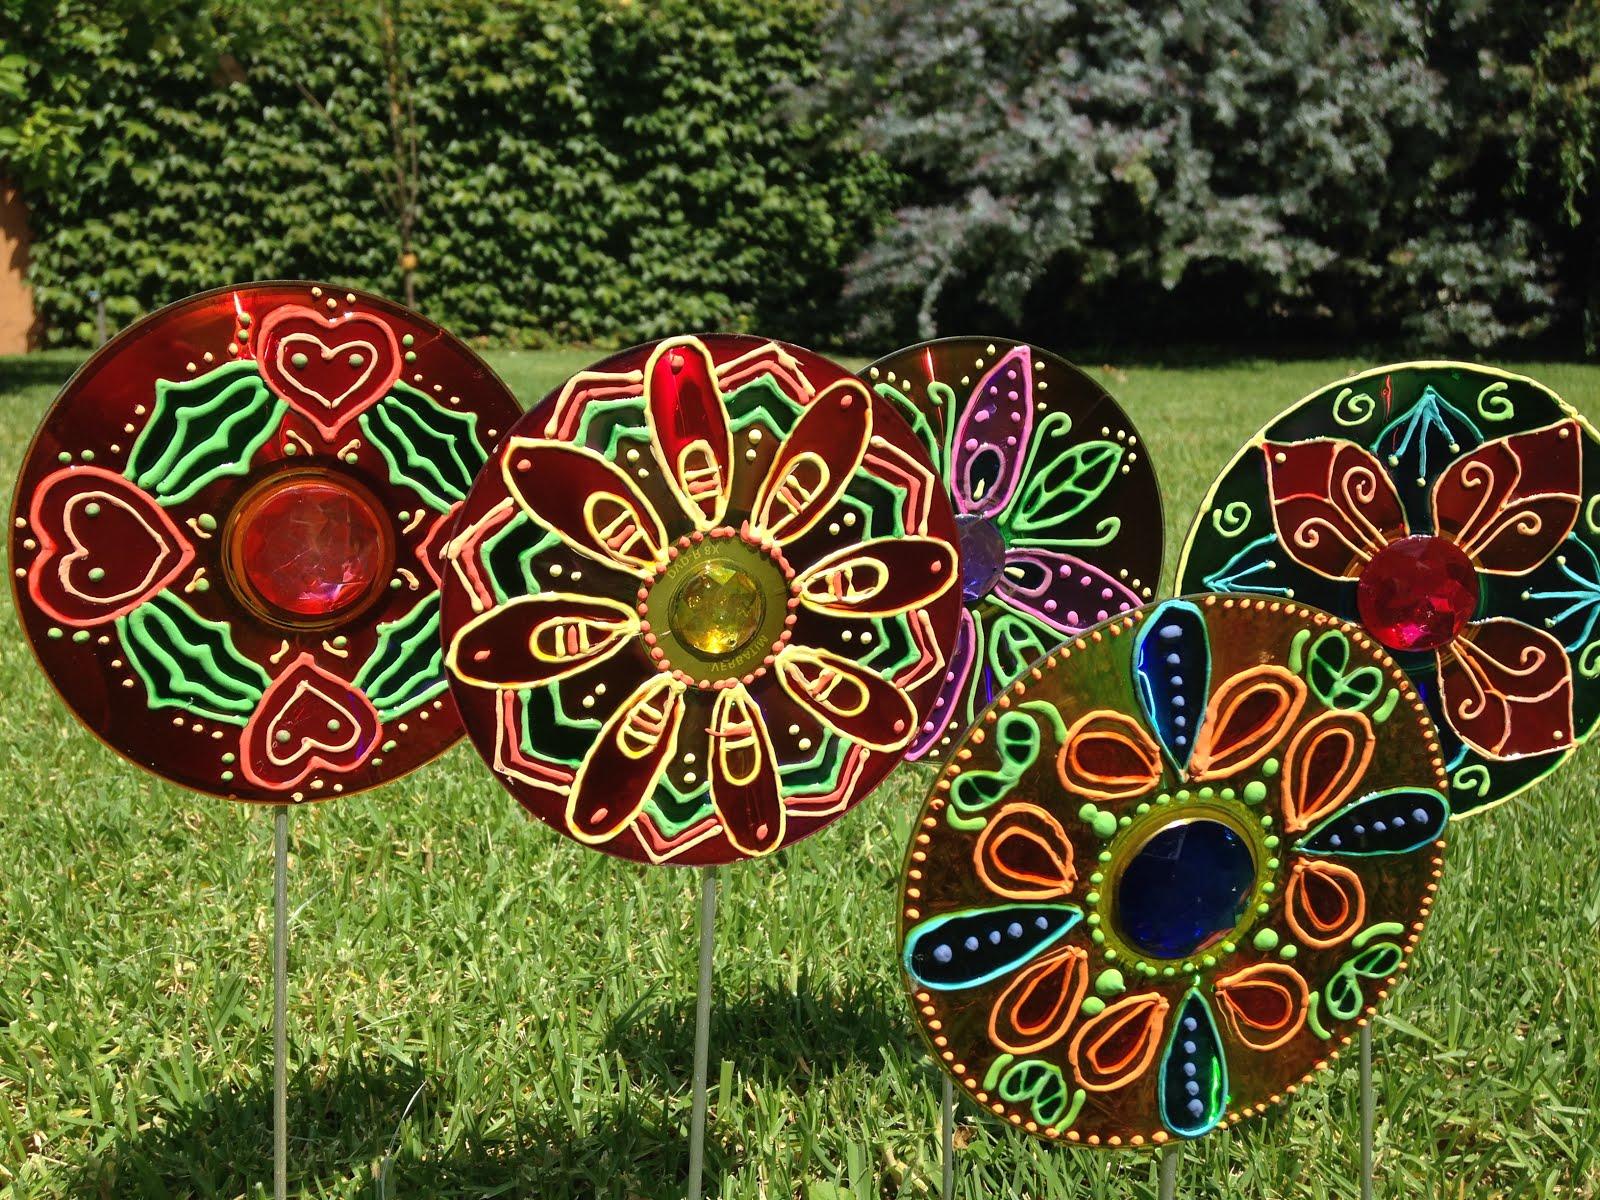 Van a dar mucho color y con la luz del sol destellos for Adornos jardin